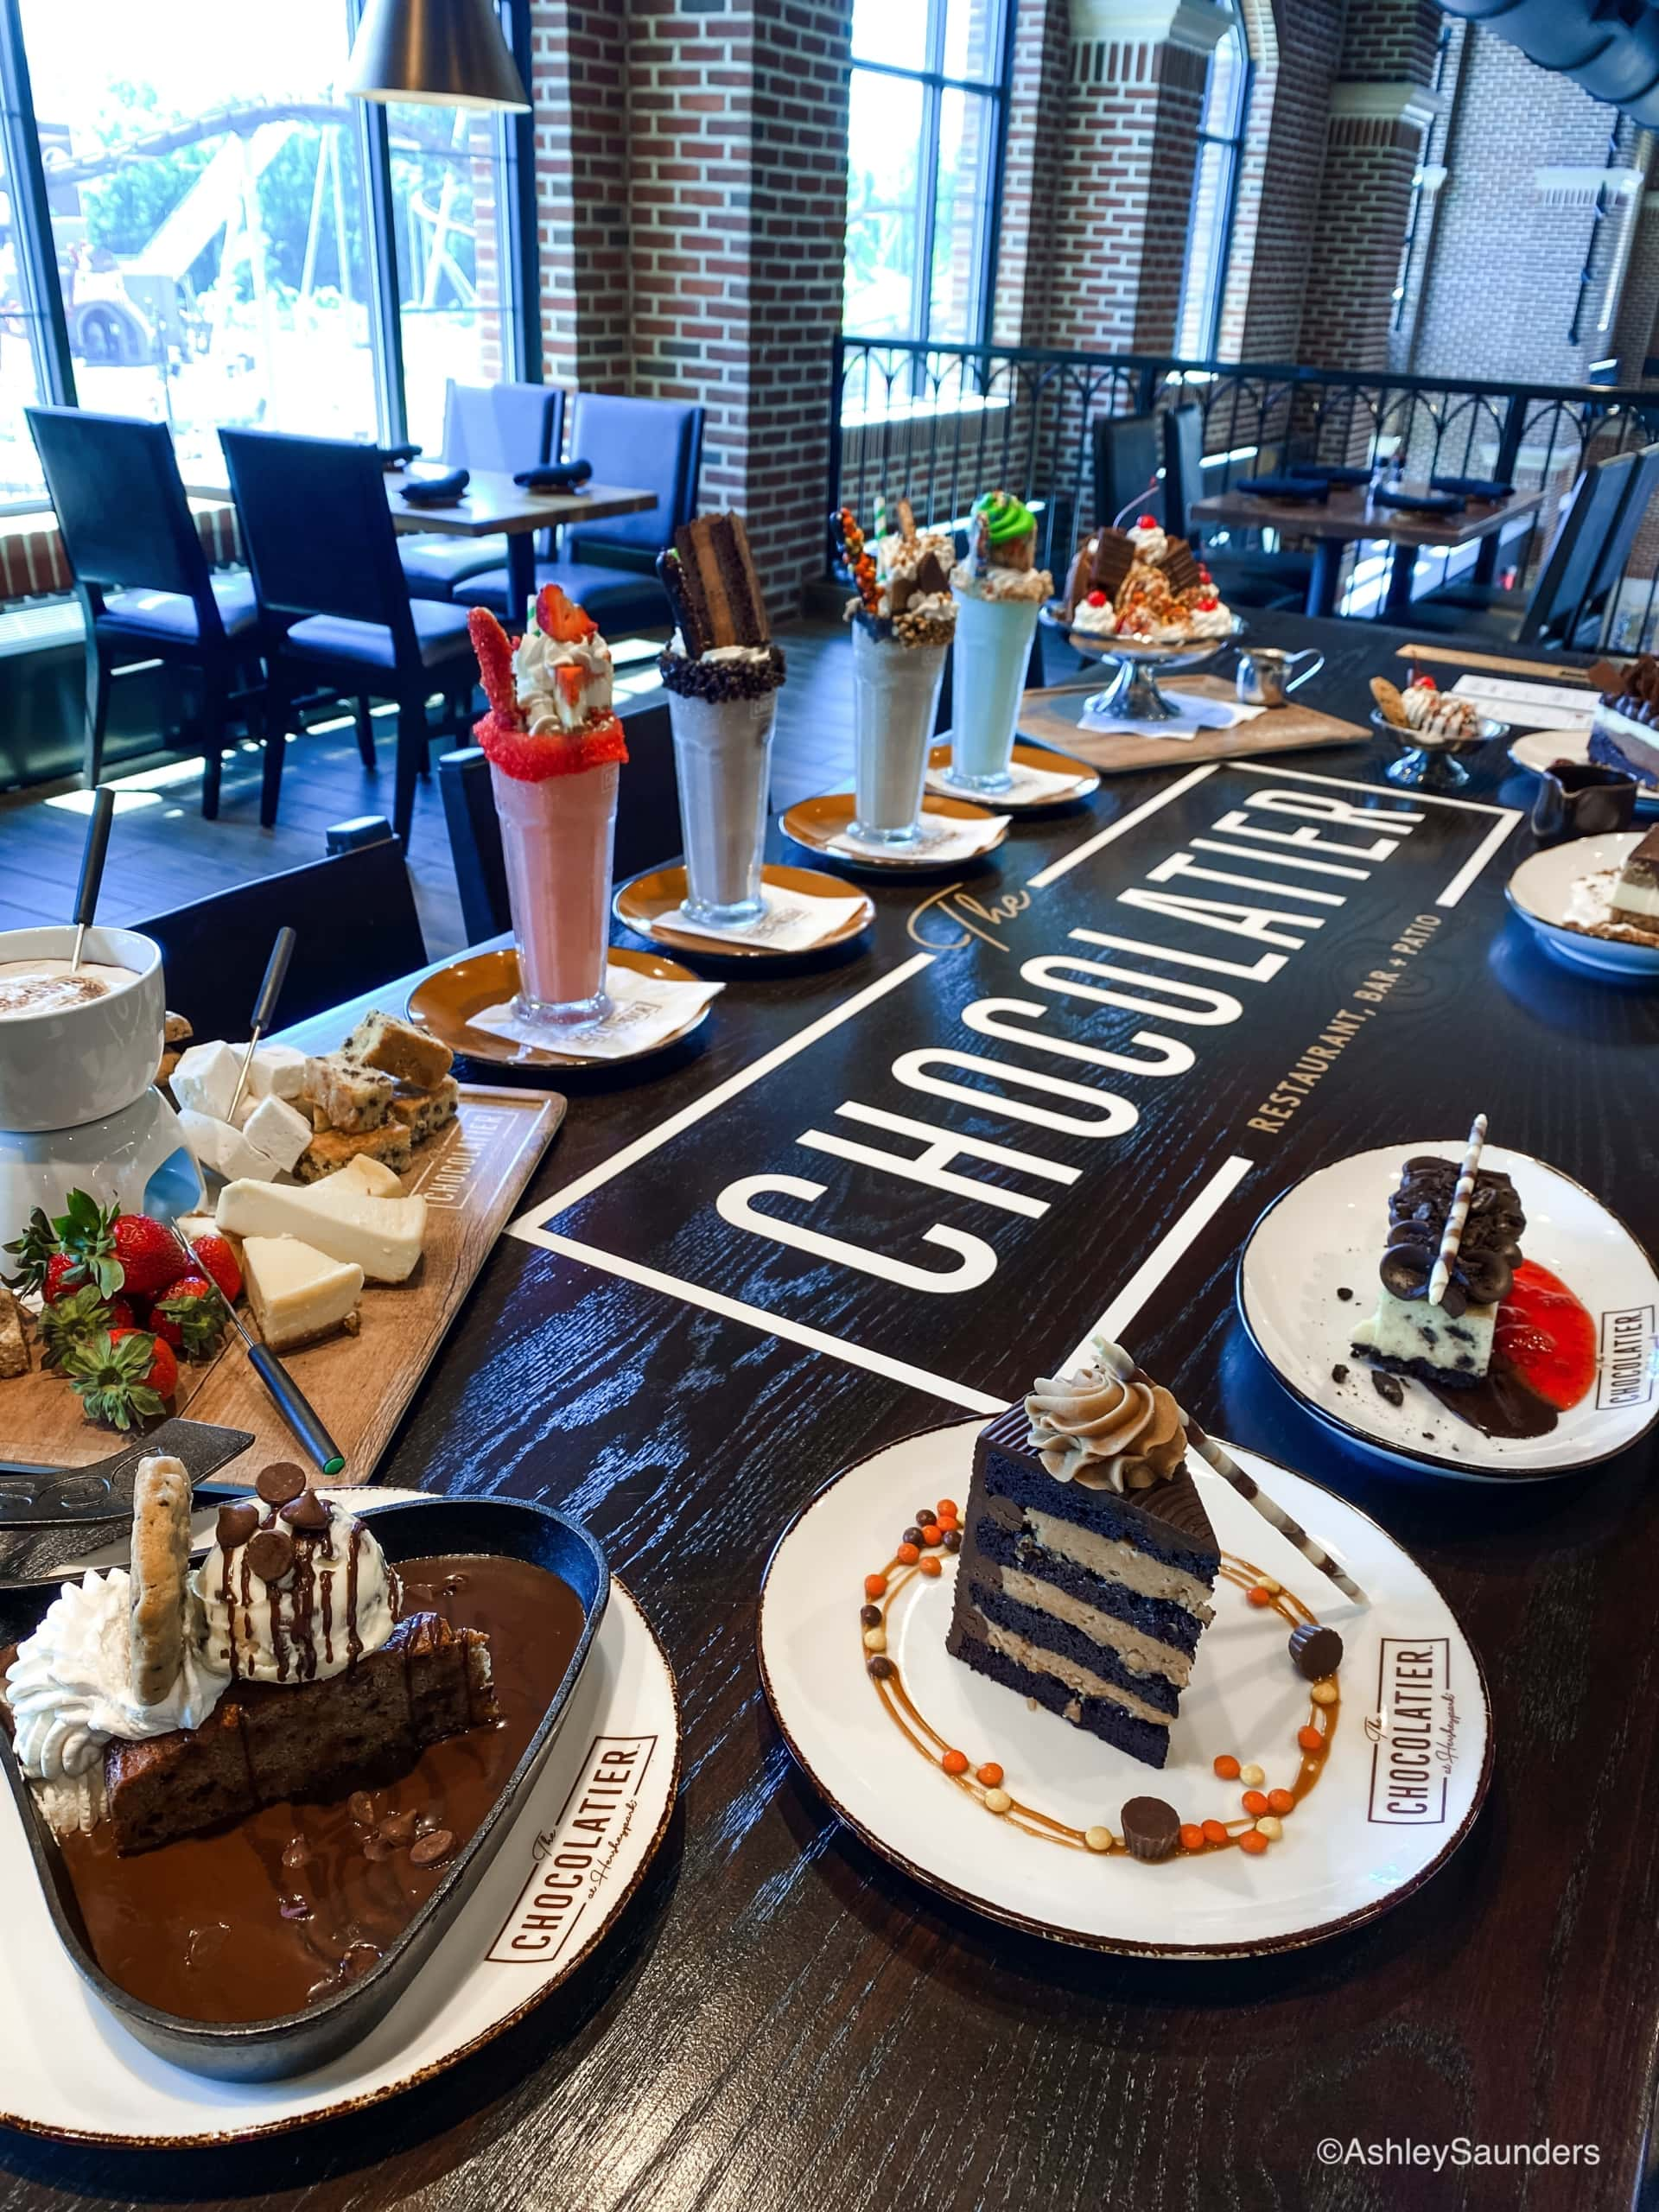 The Chocolatier Desserts